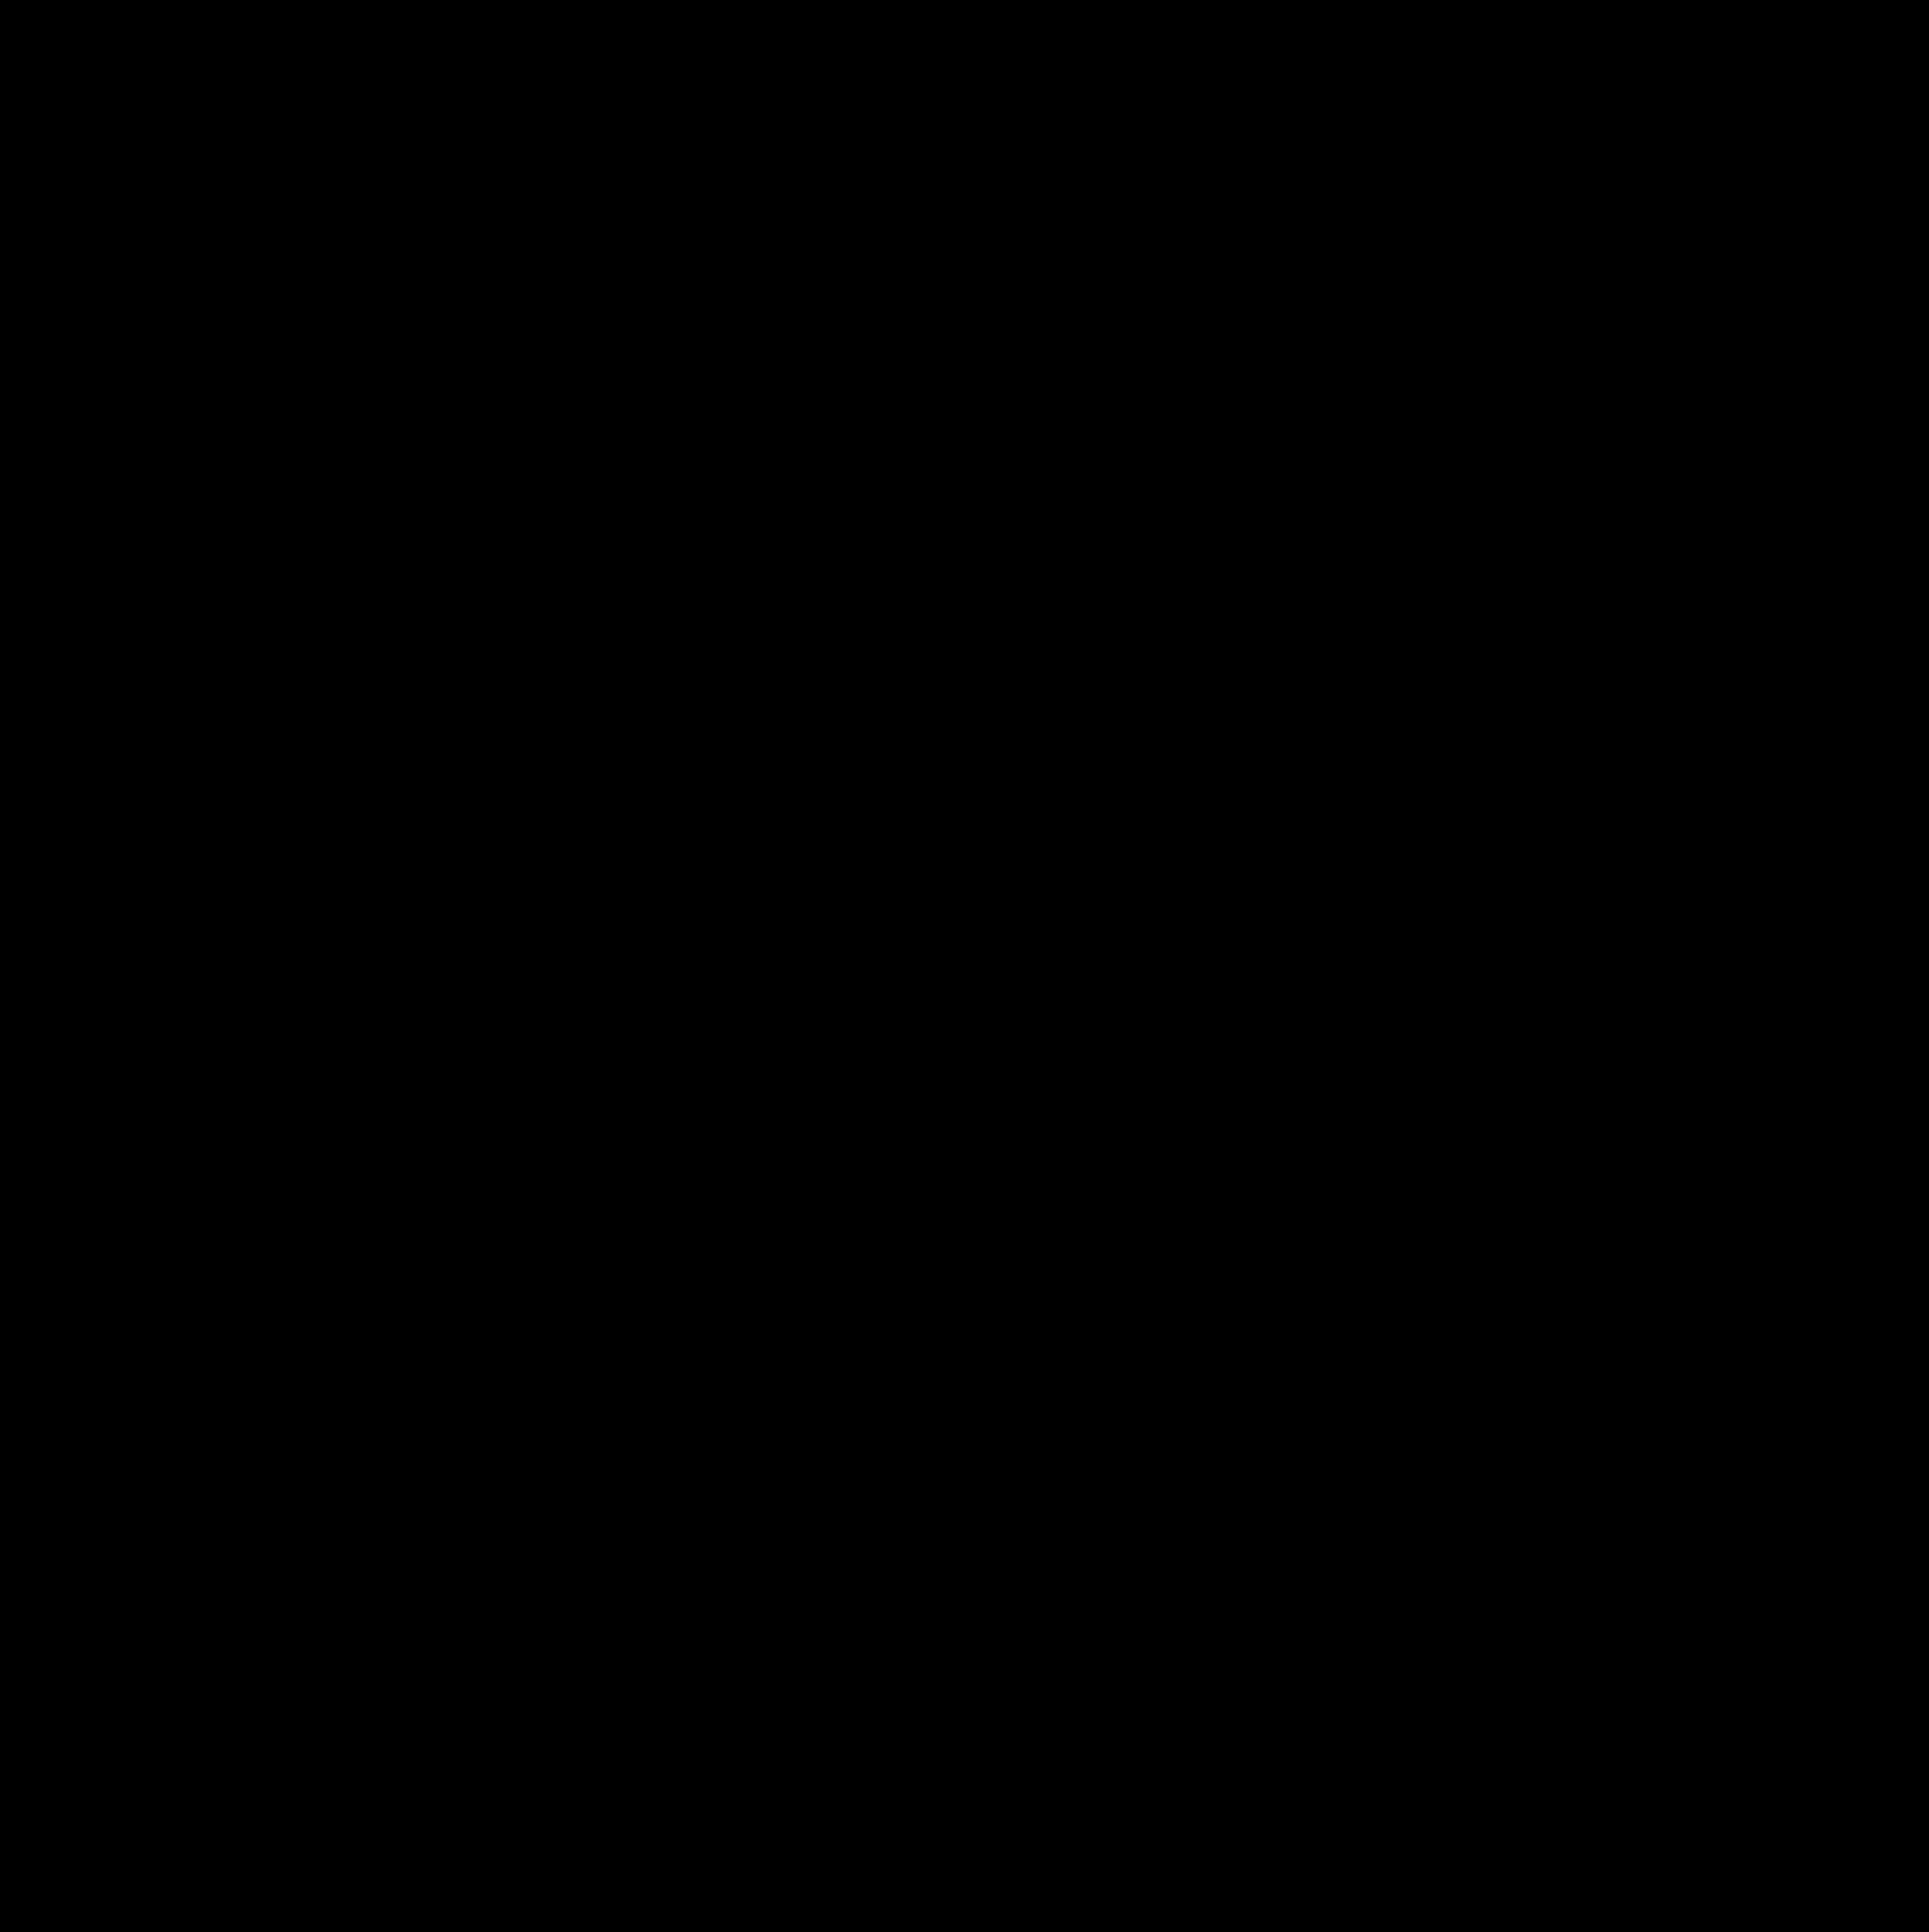 Clipart Four Elements